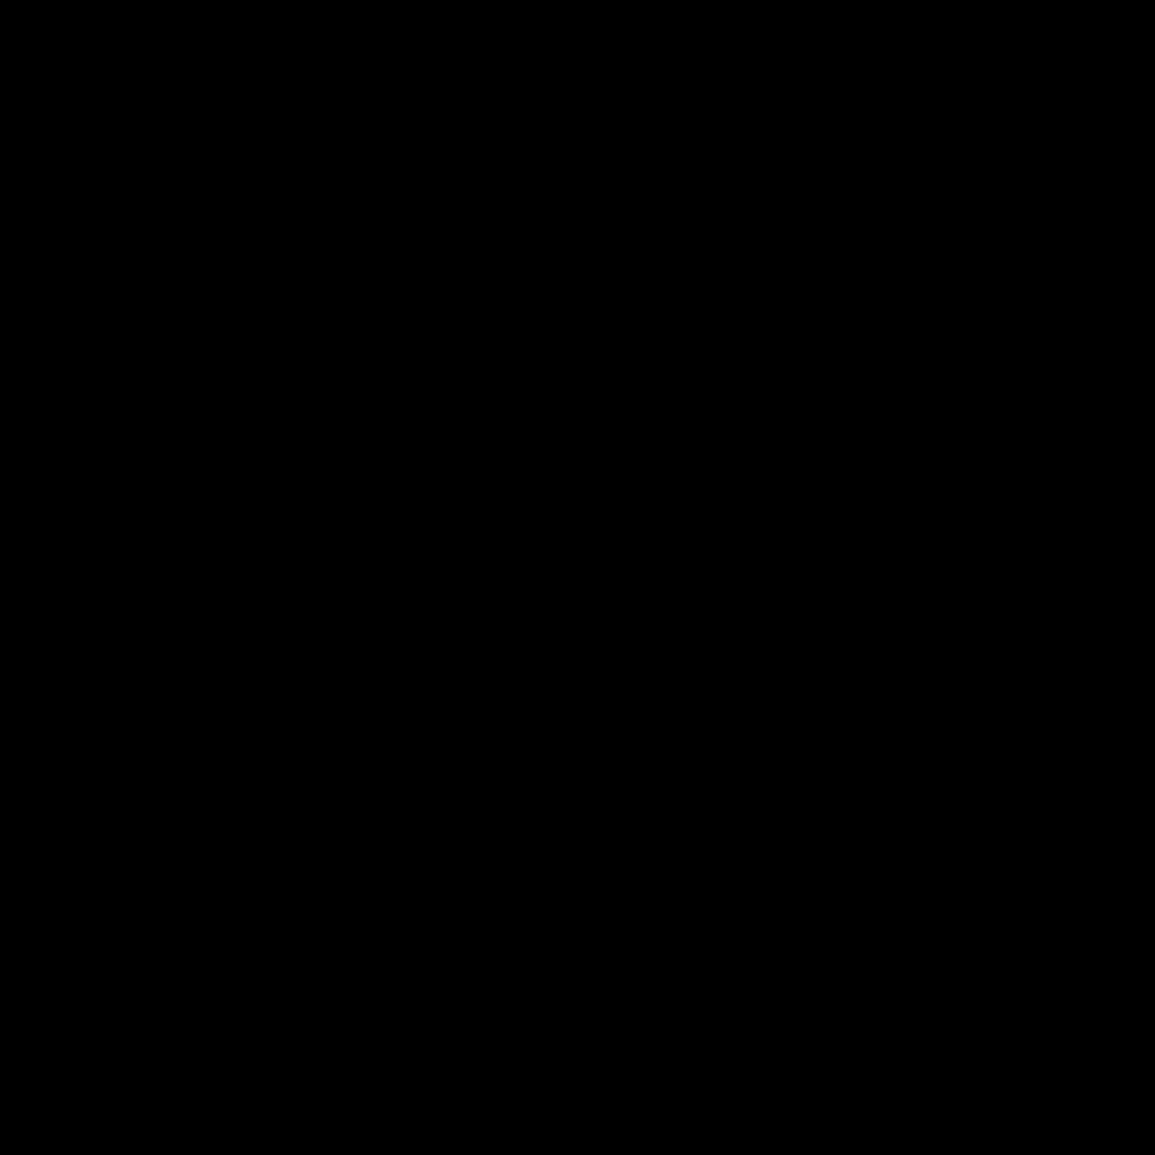 紅蘭細楷書 LHNL 字形見本